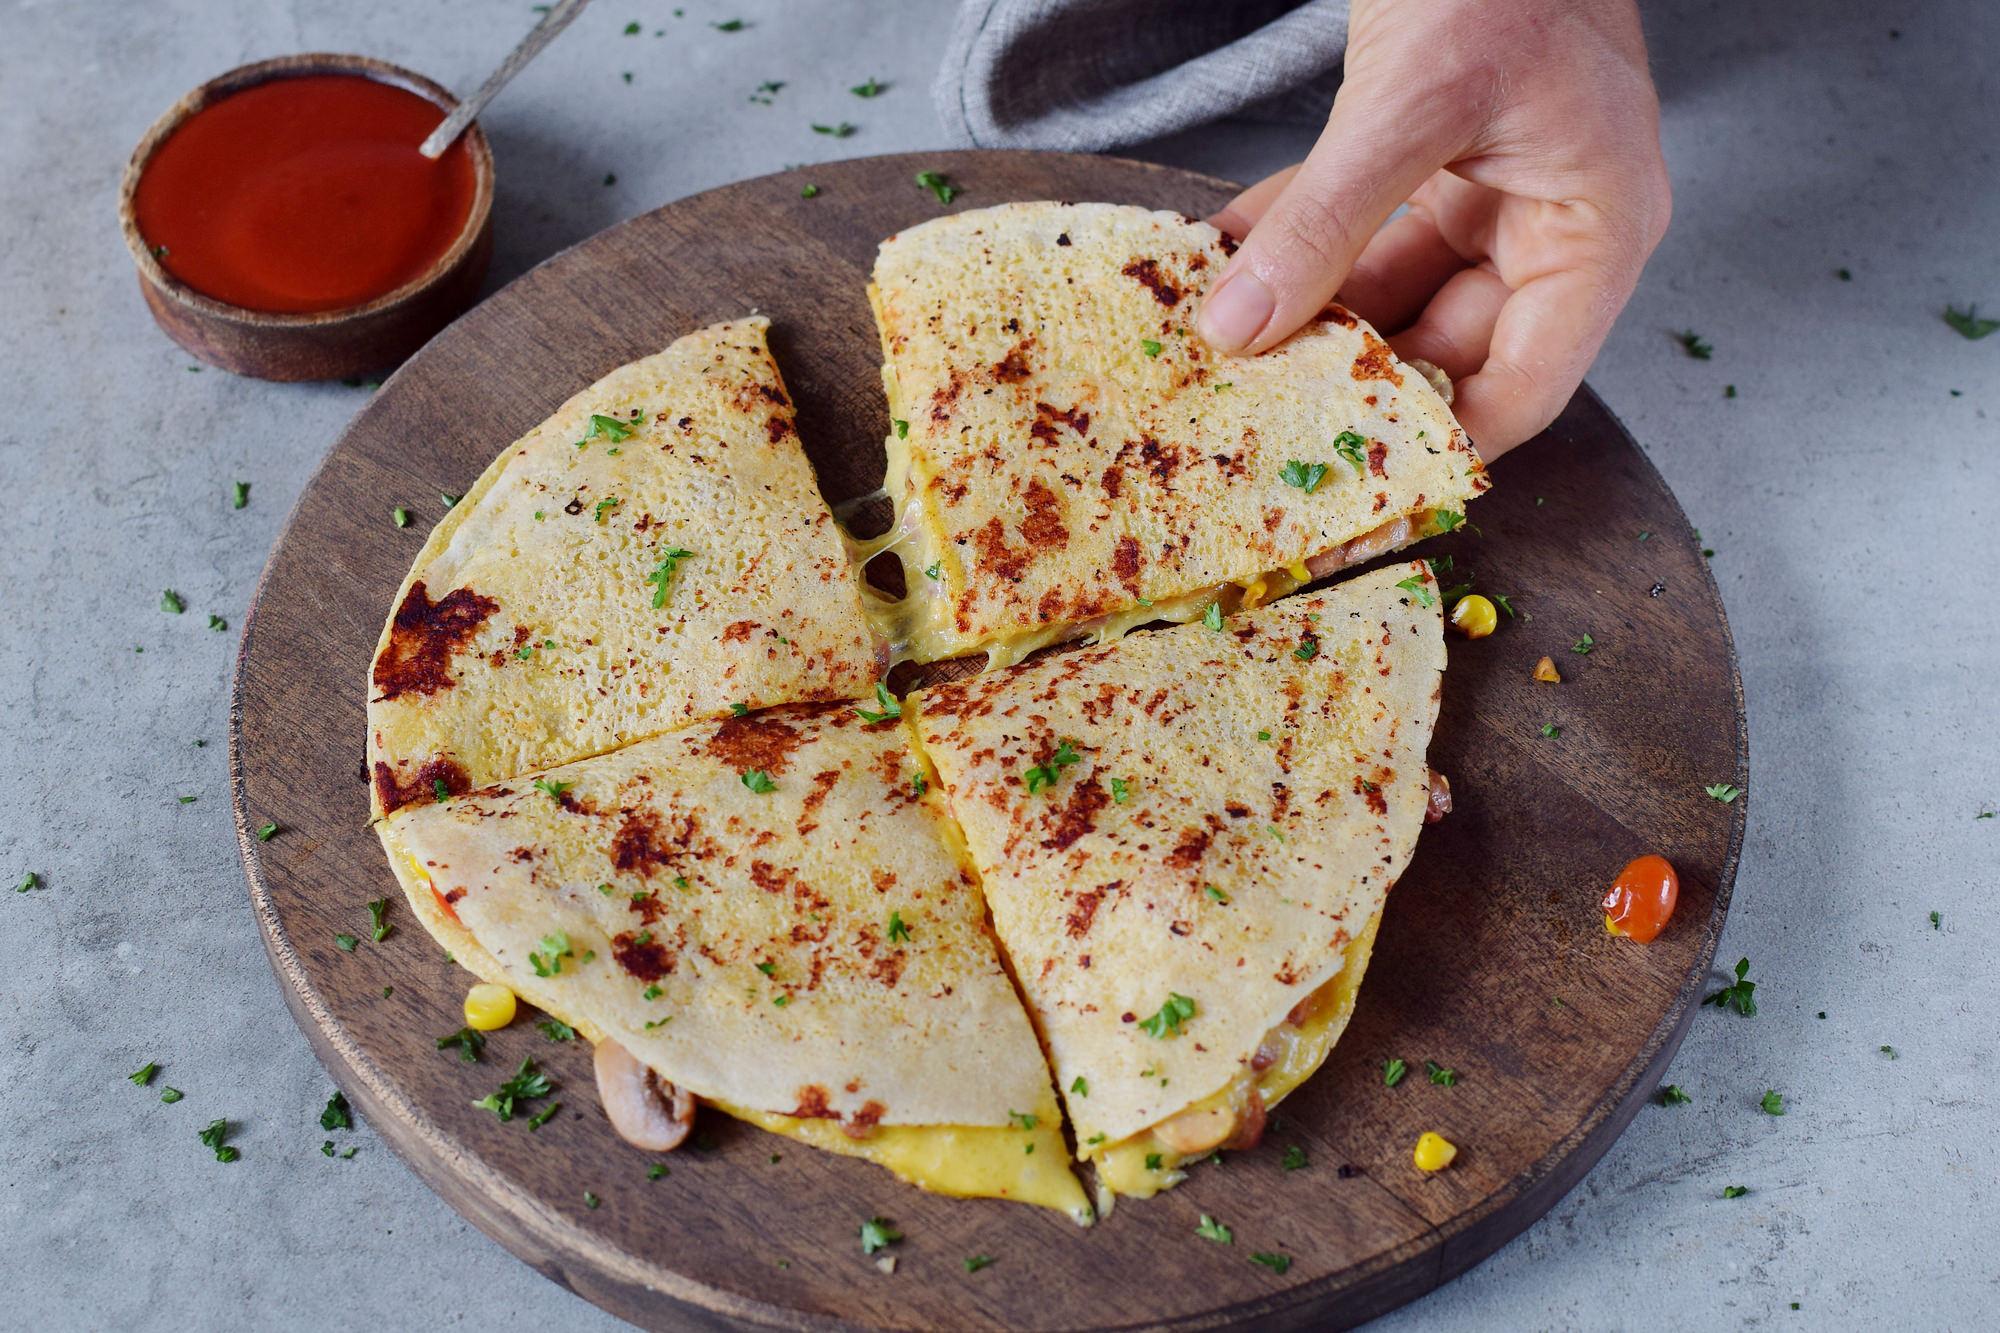 Kein Käse, diese Quesadillas